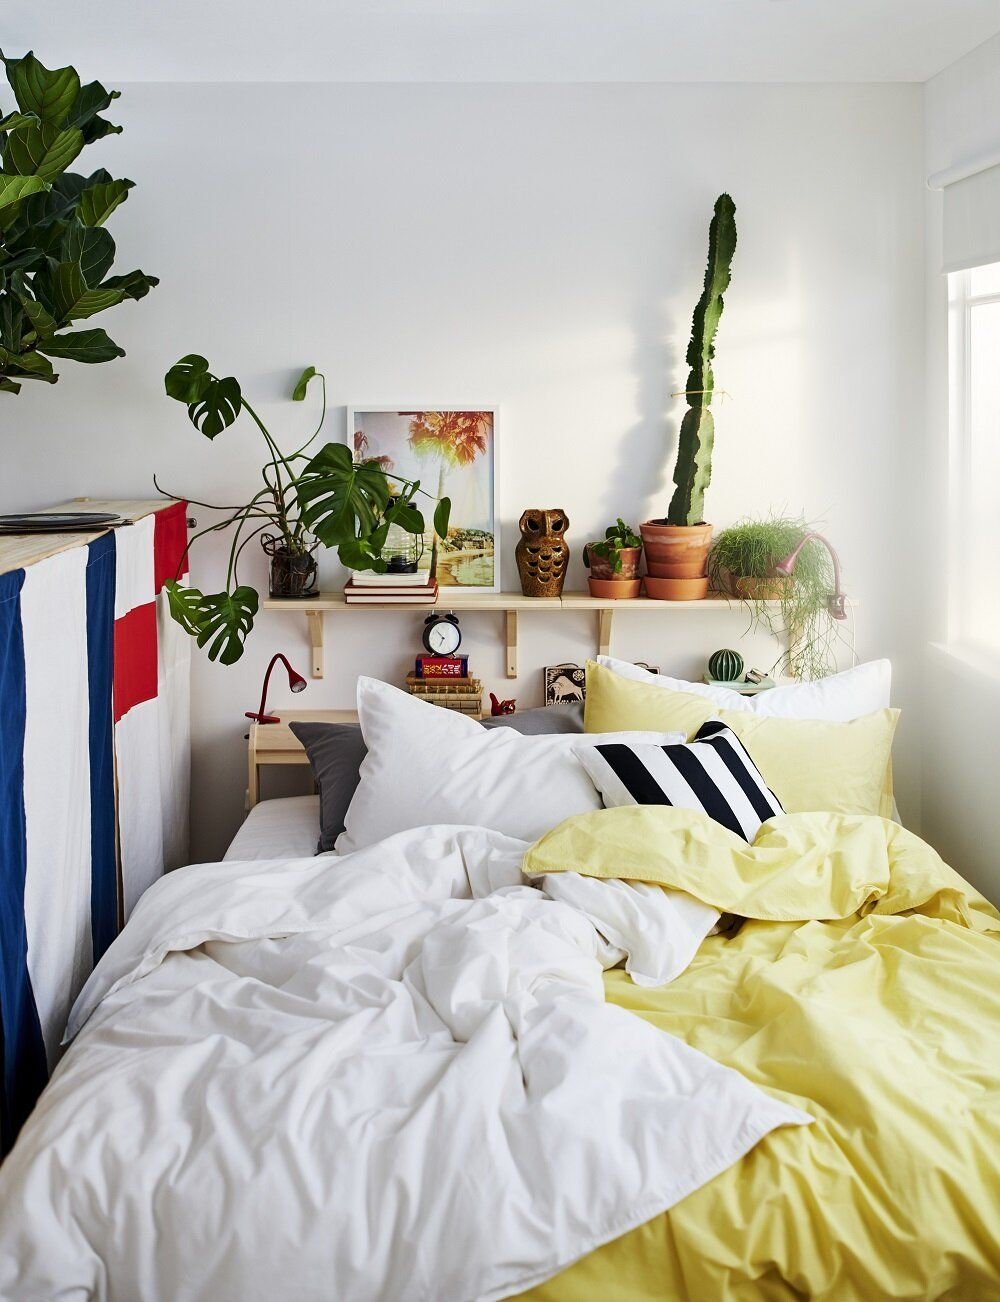 Schmales Ikea Schlafzimmer Mit Regal Uber Dem Bett Aus Dem Ikea Katalog 2021 Ein Handbuch Fur Einen Besseren Alltag Kleiner Raum Neue Wohnung Regal Uber Bett